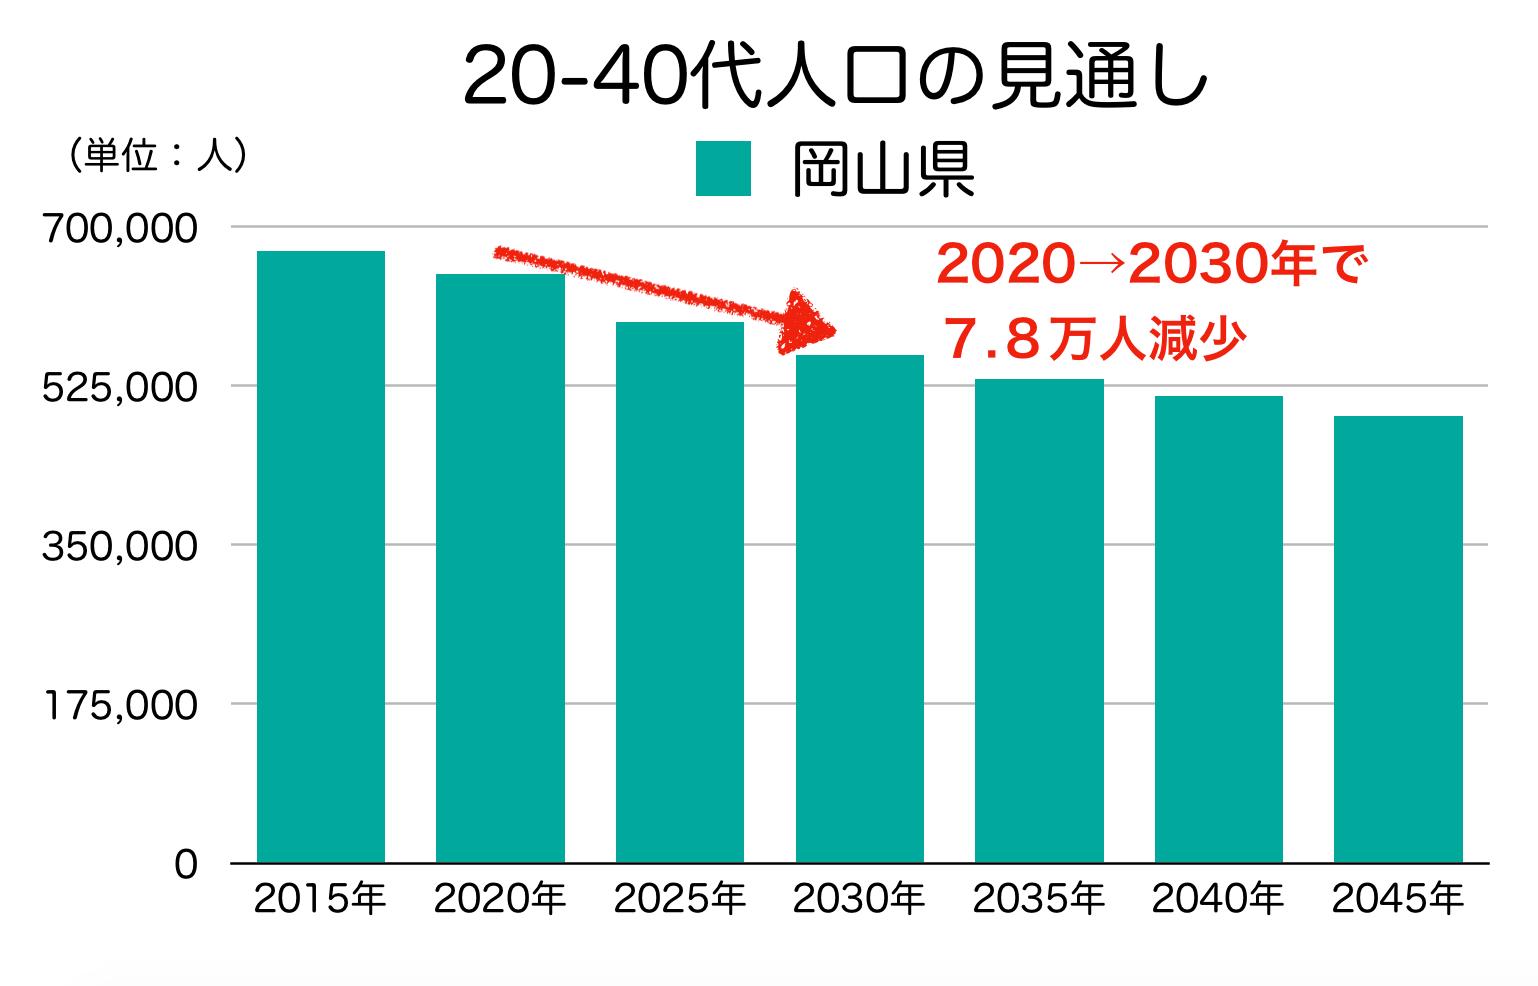 岡山県の20-40代人口の見通し